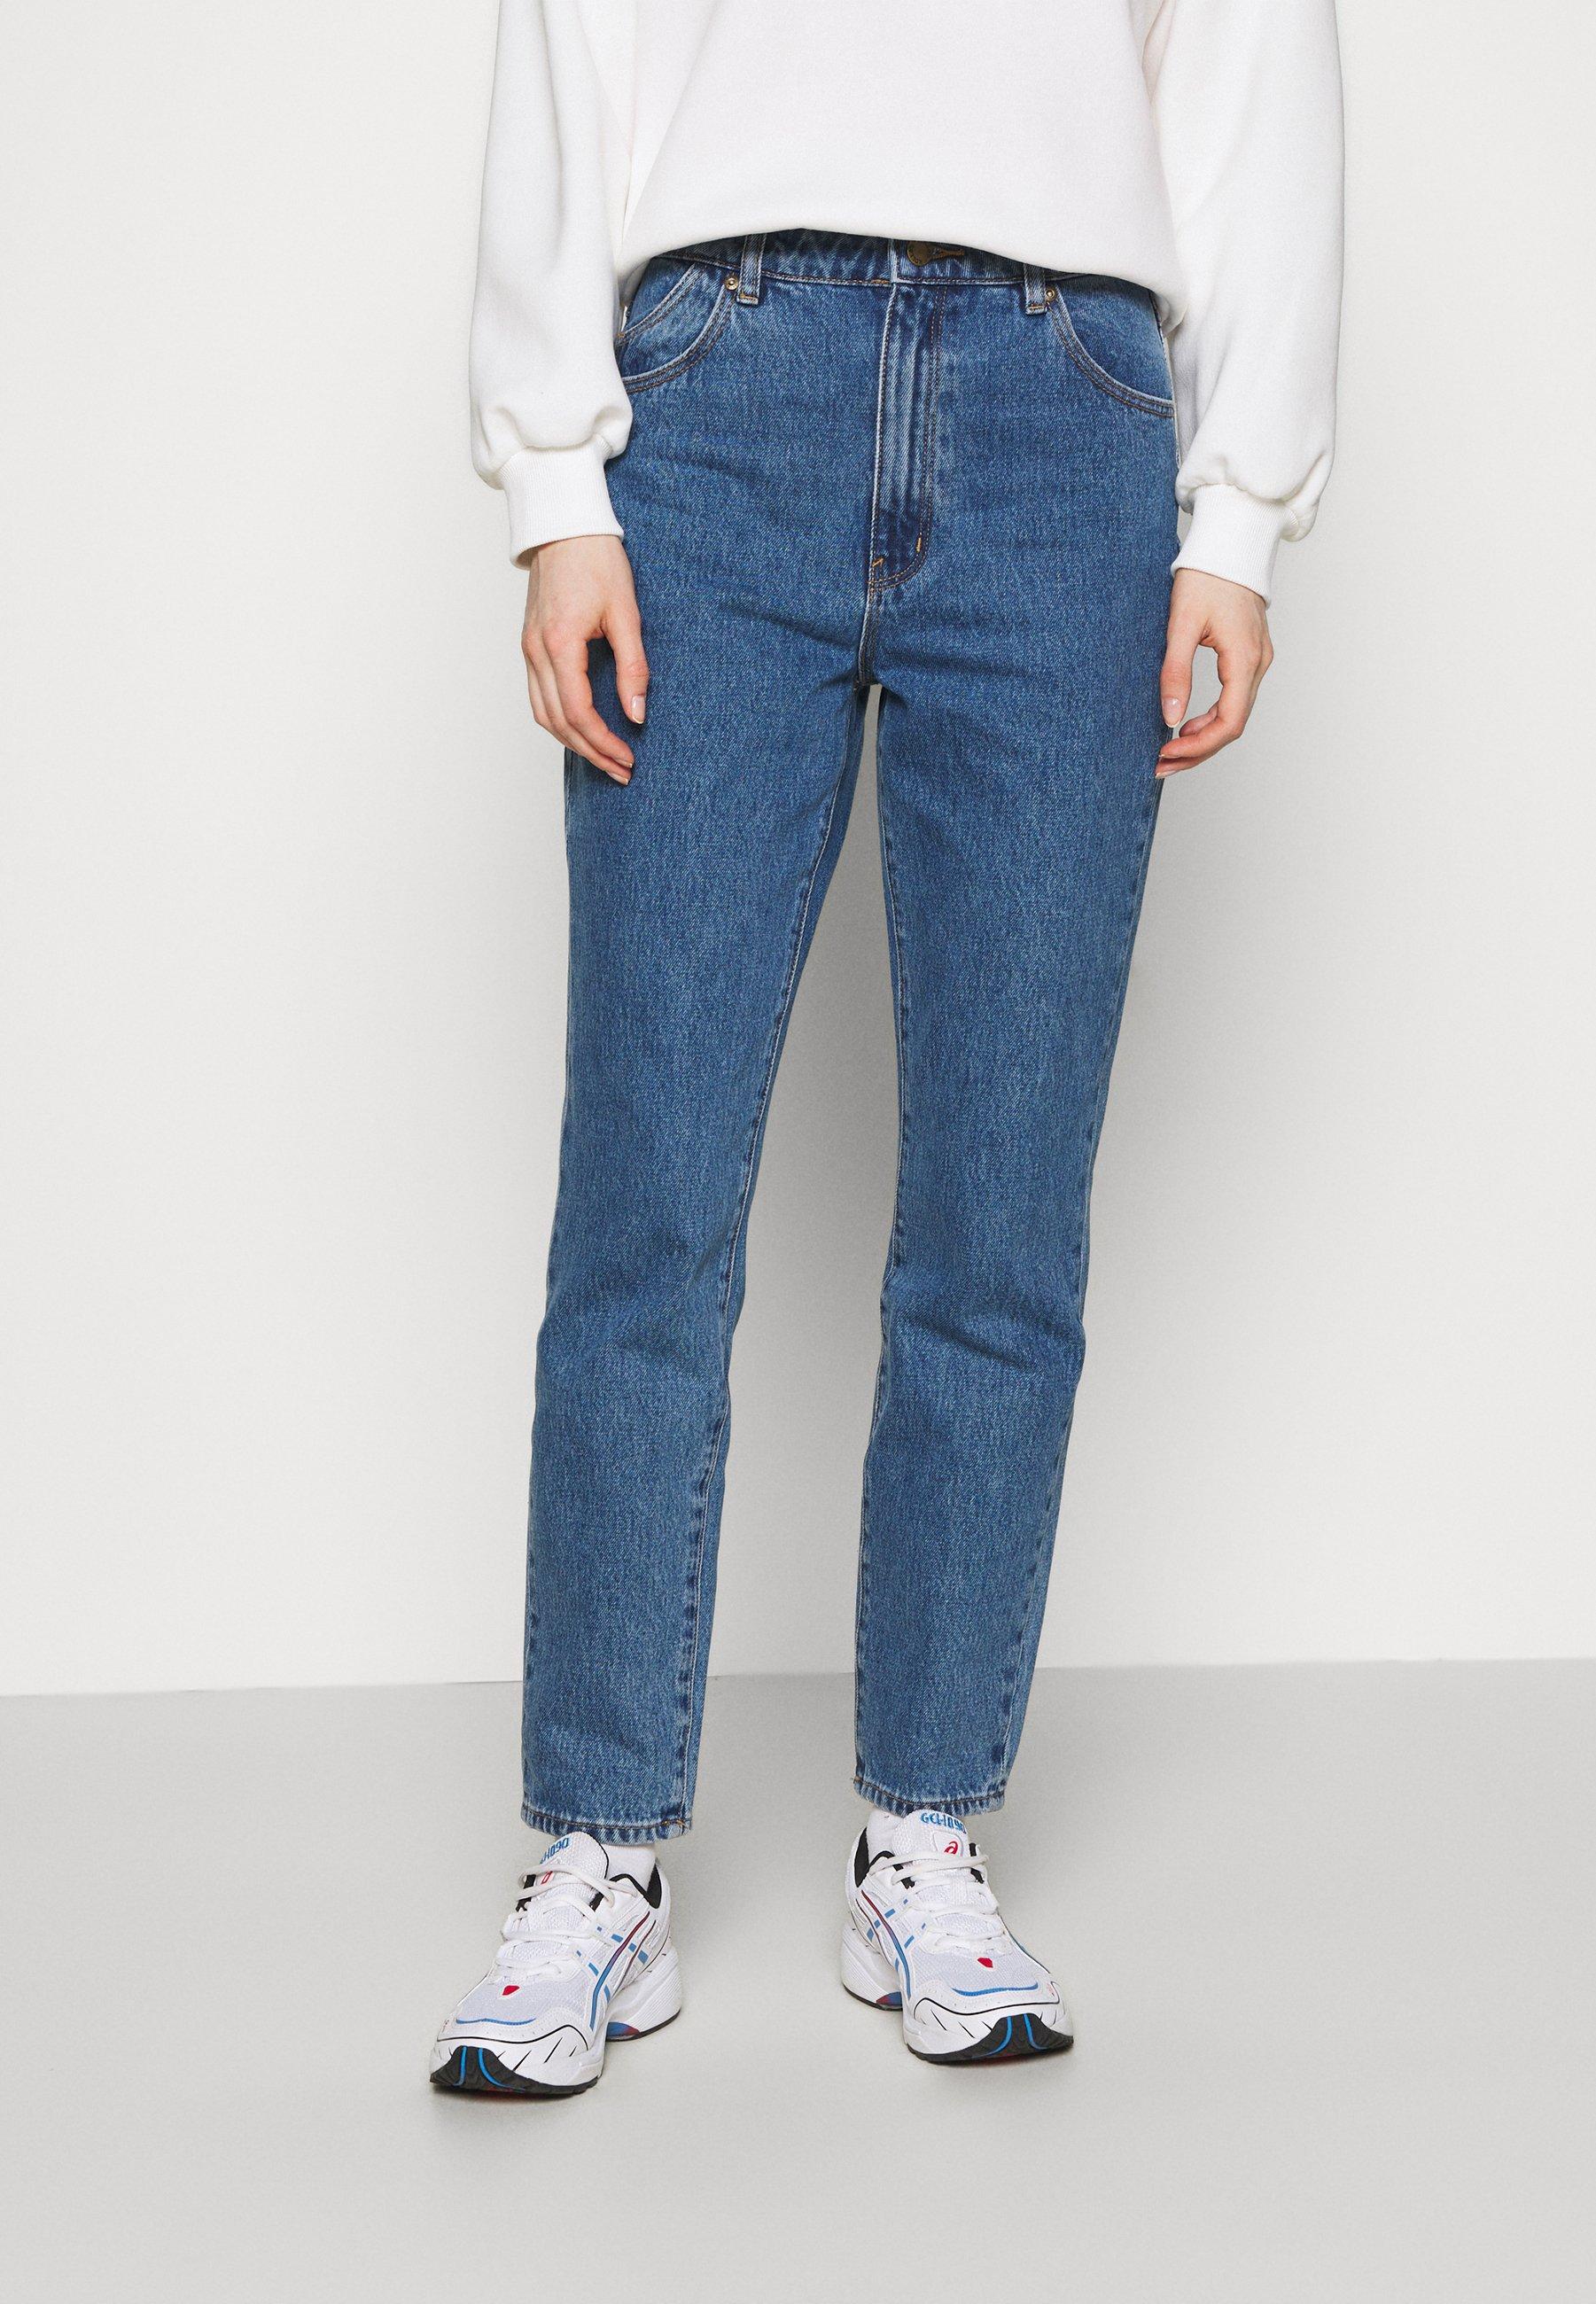 Women DUSTERS - Straight leg jeans - meadow blue